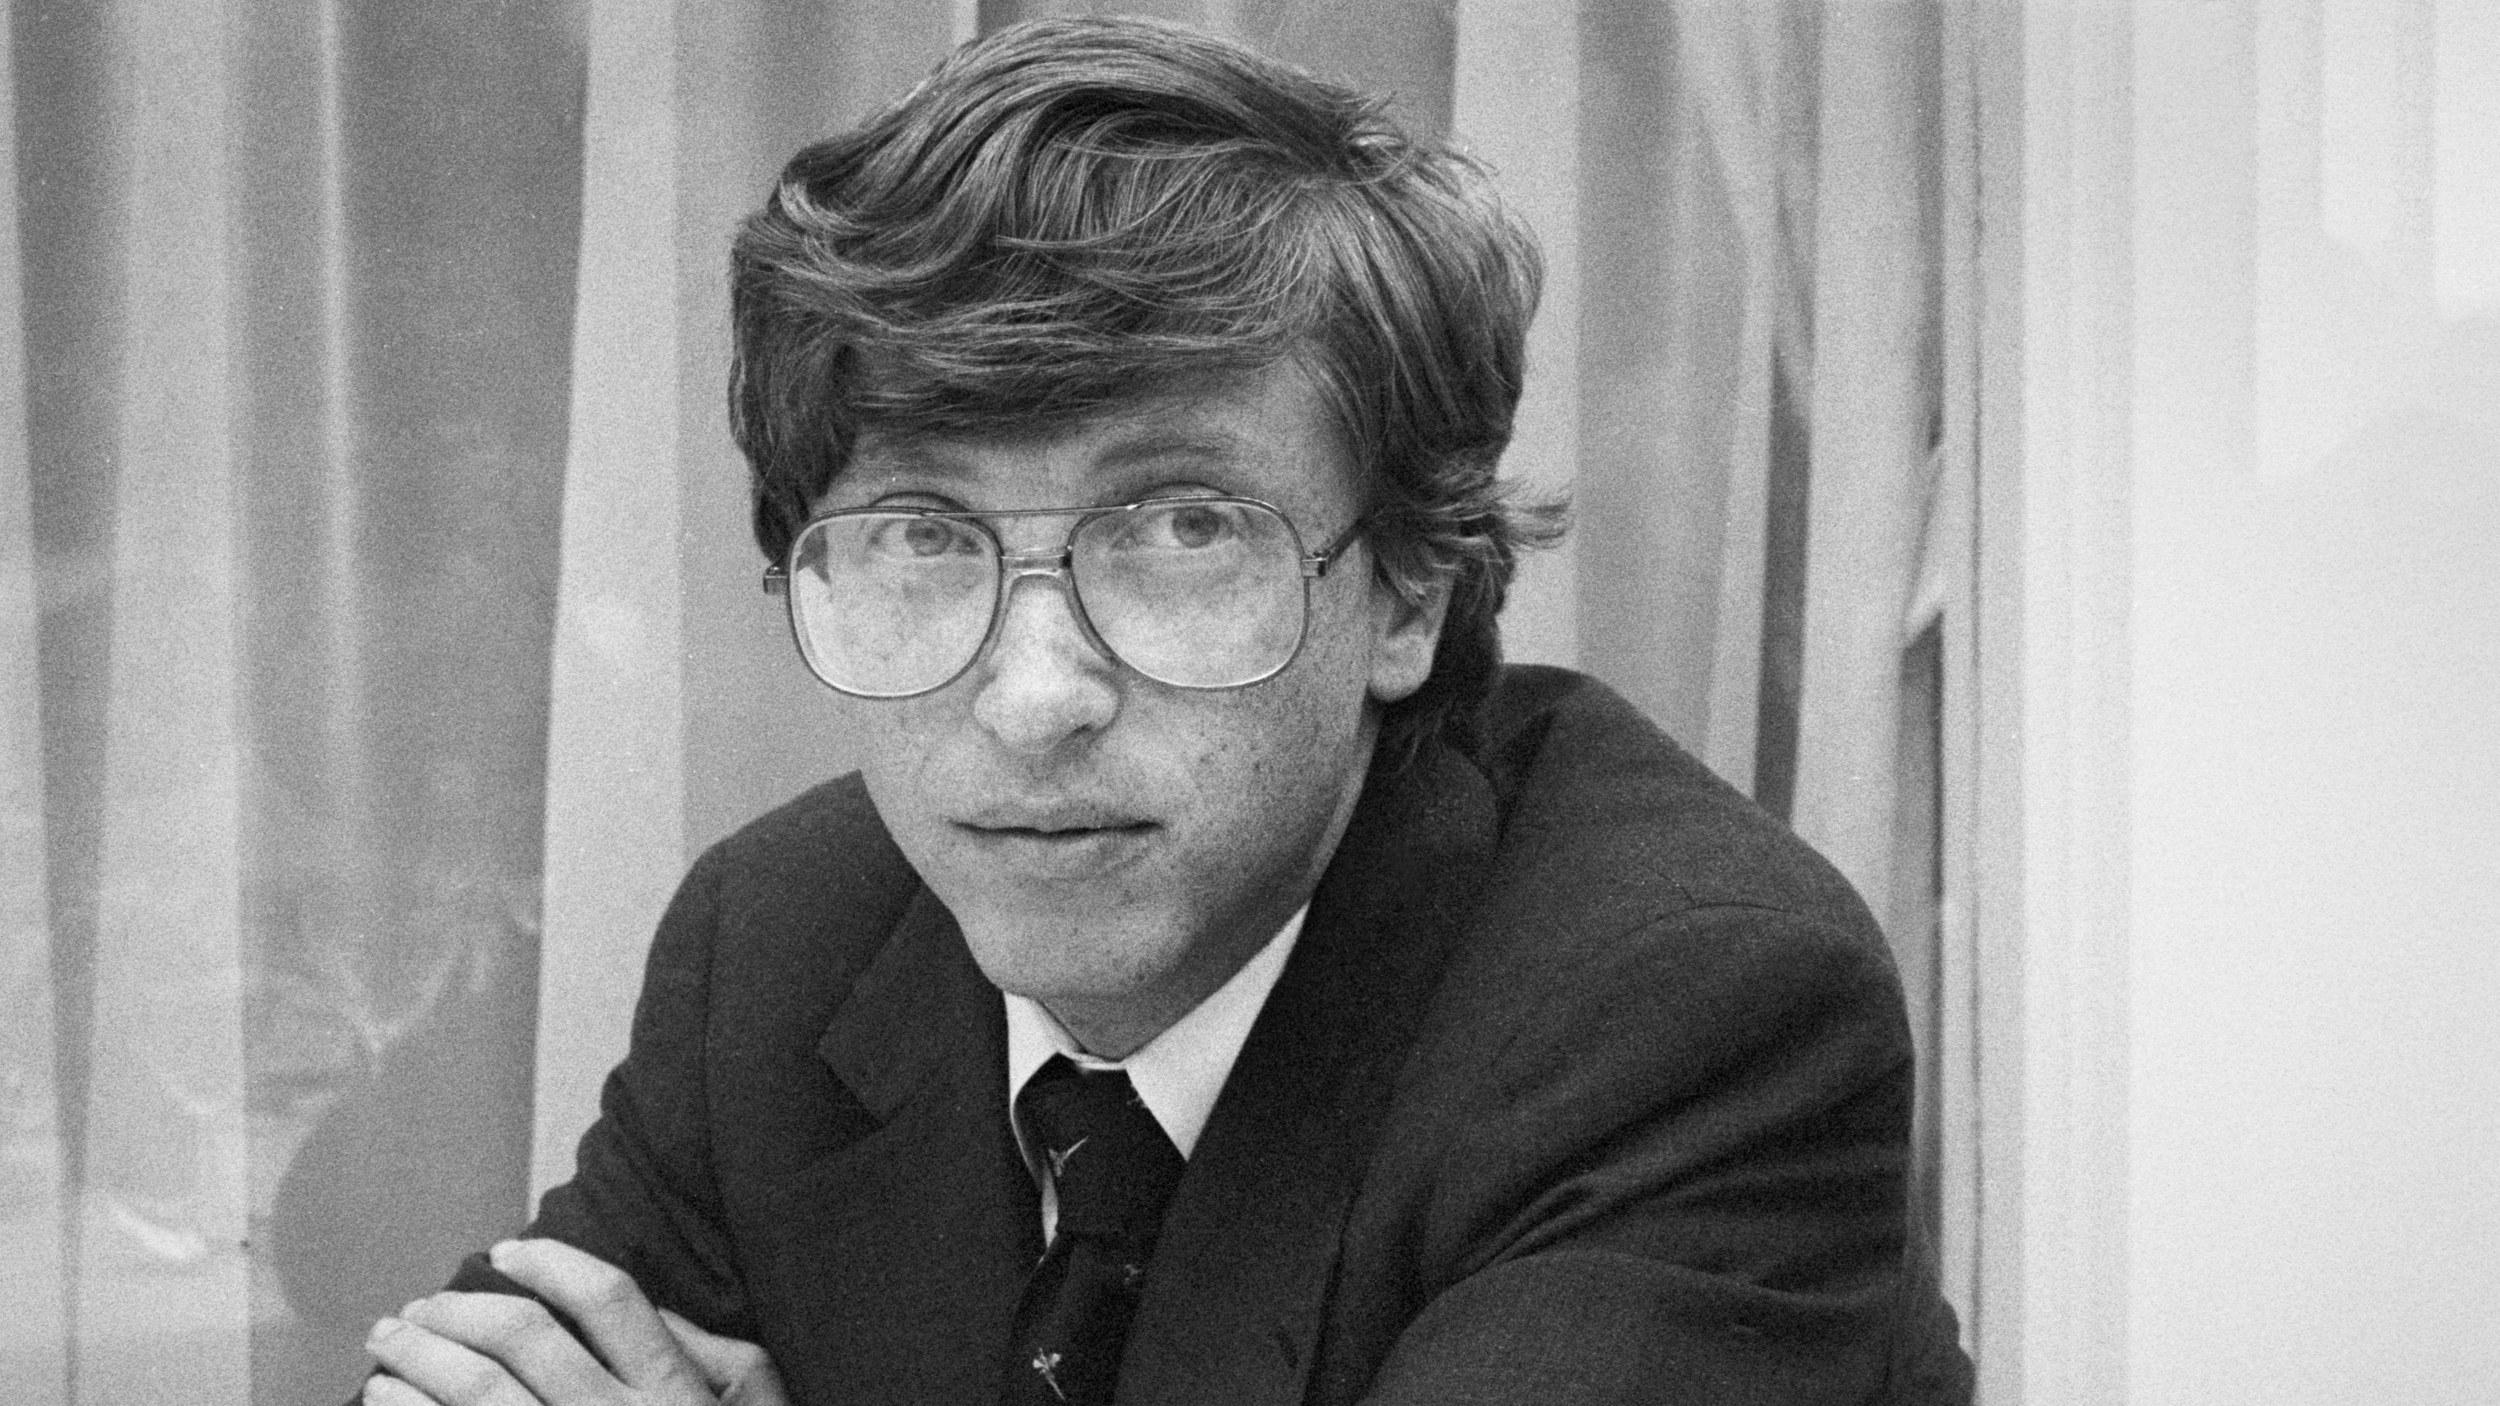 Bill Gates (b. 1955)